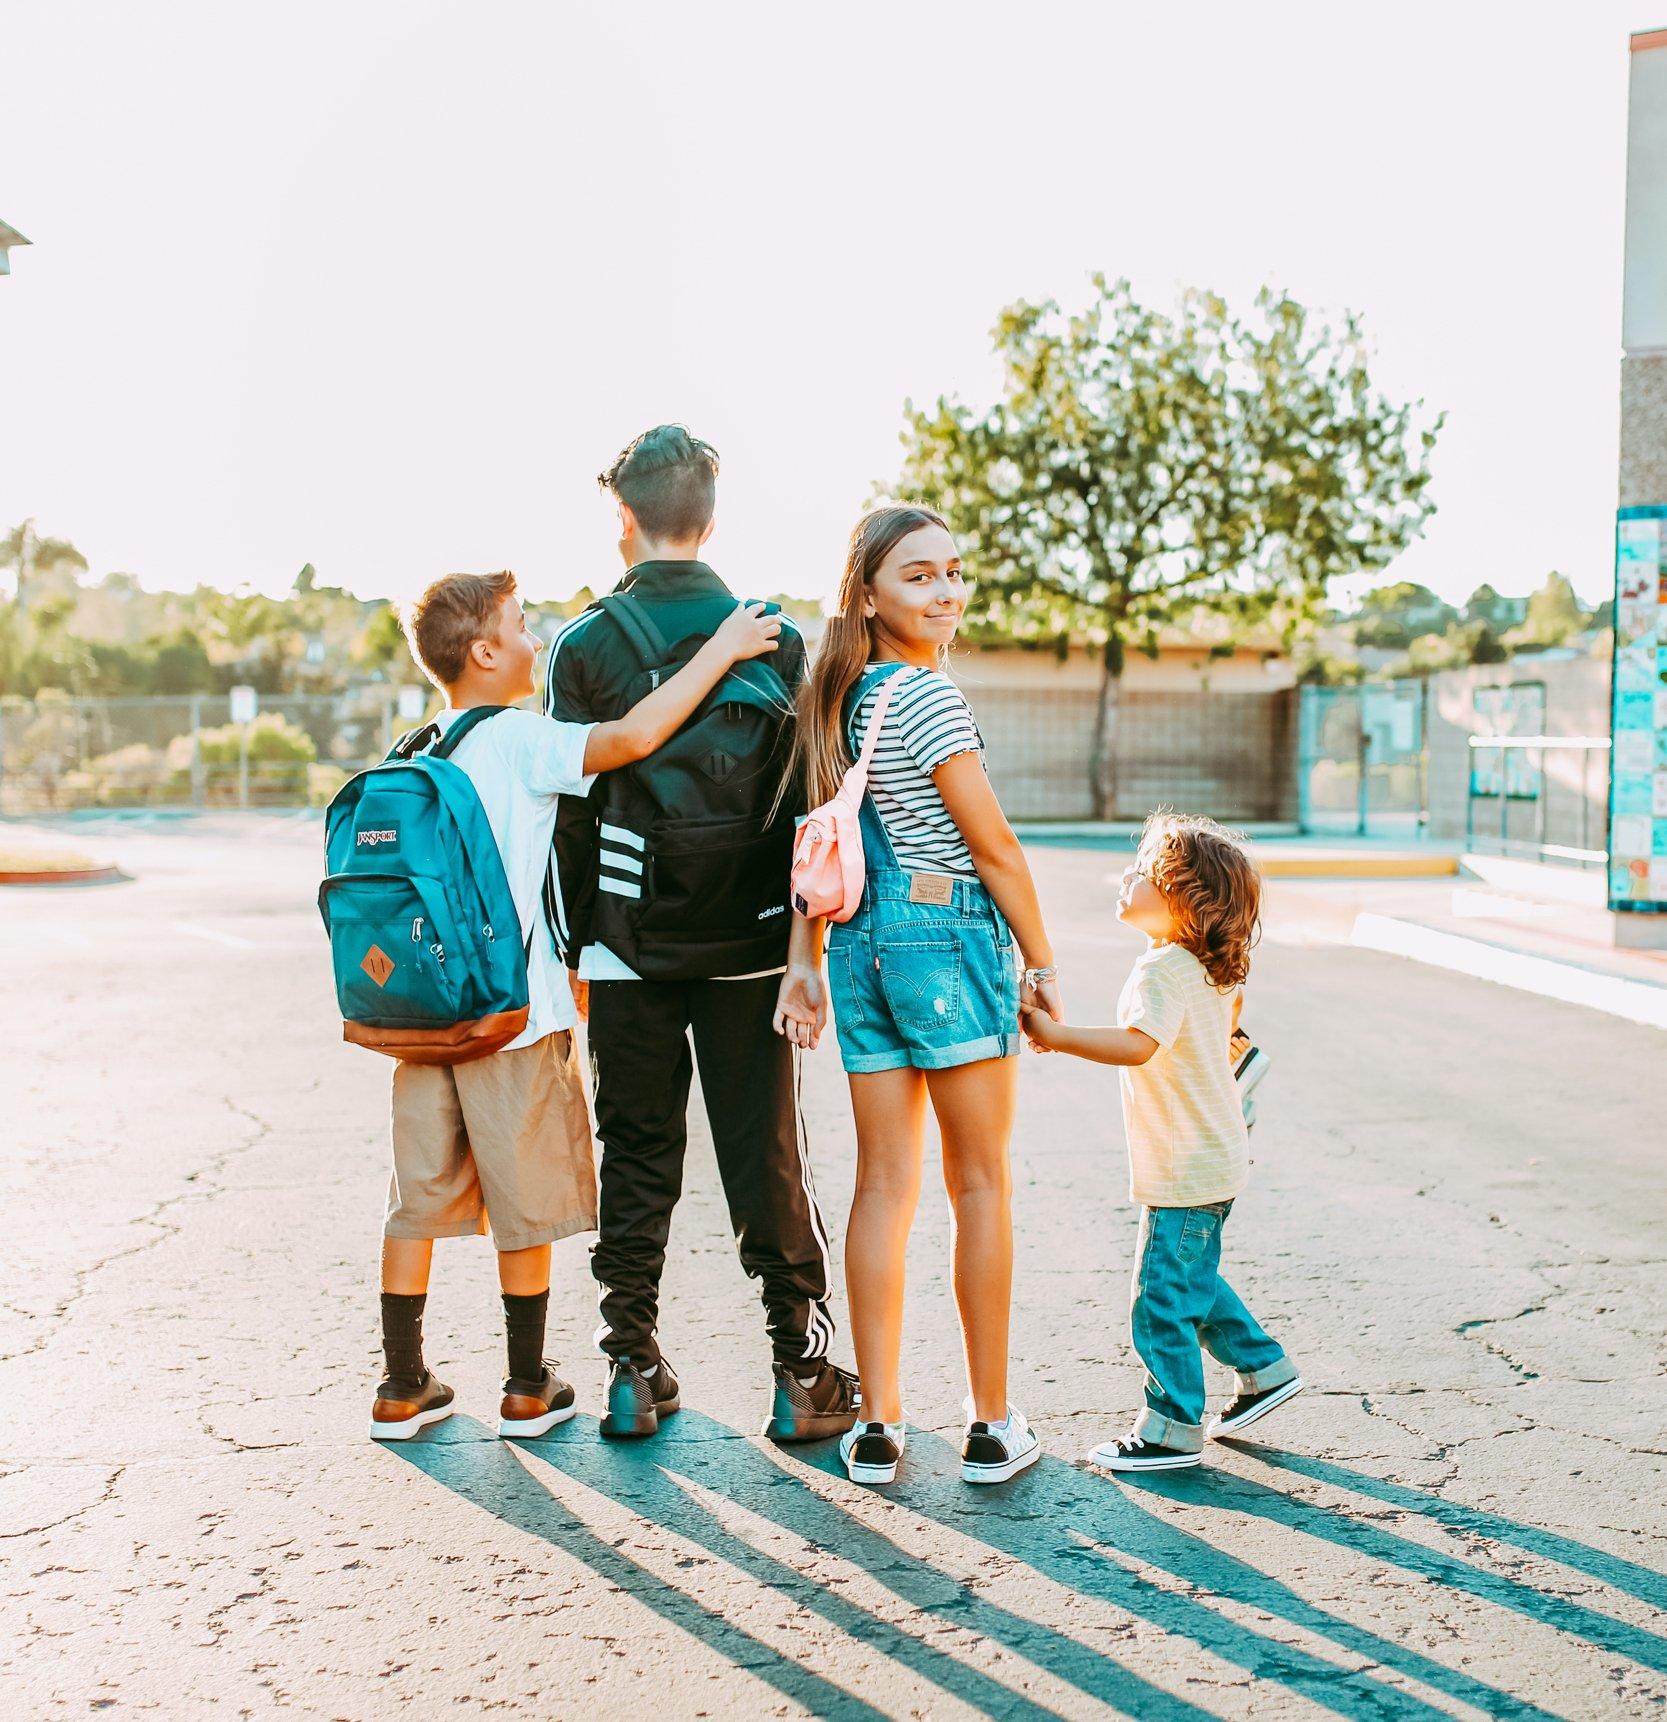 kids in parking lot